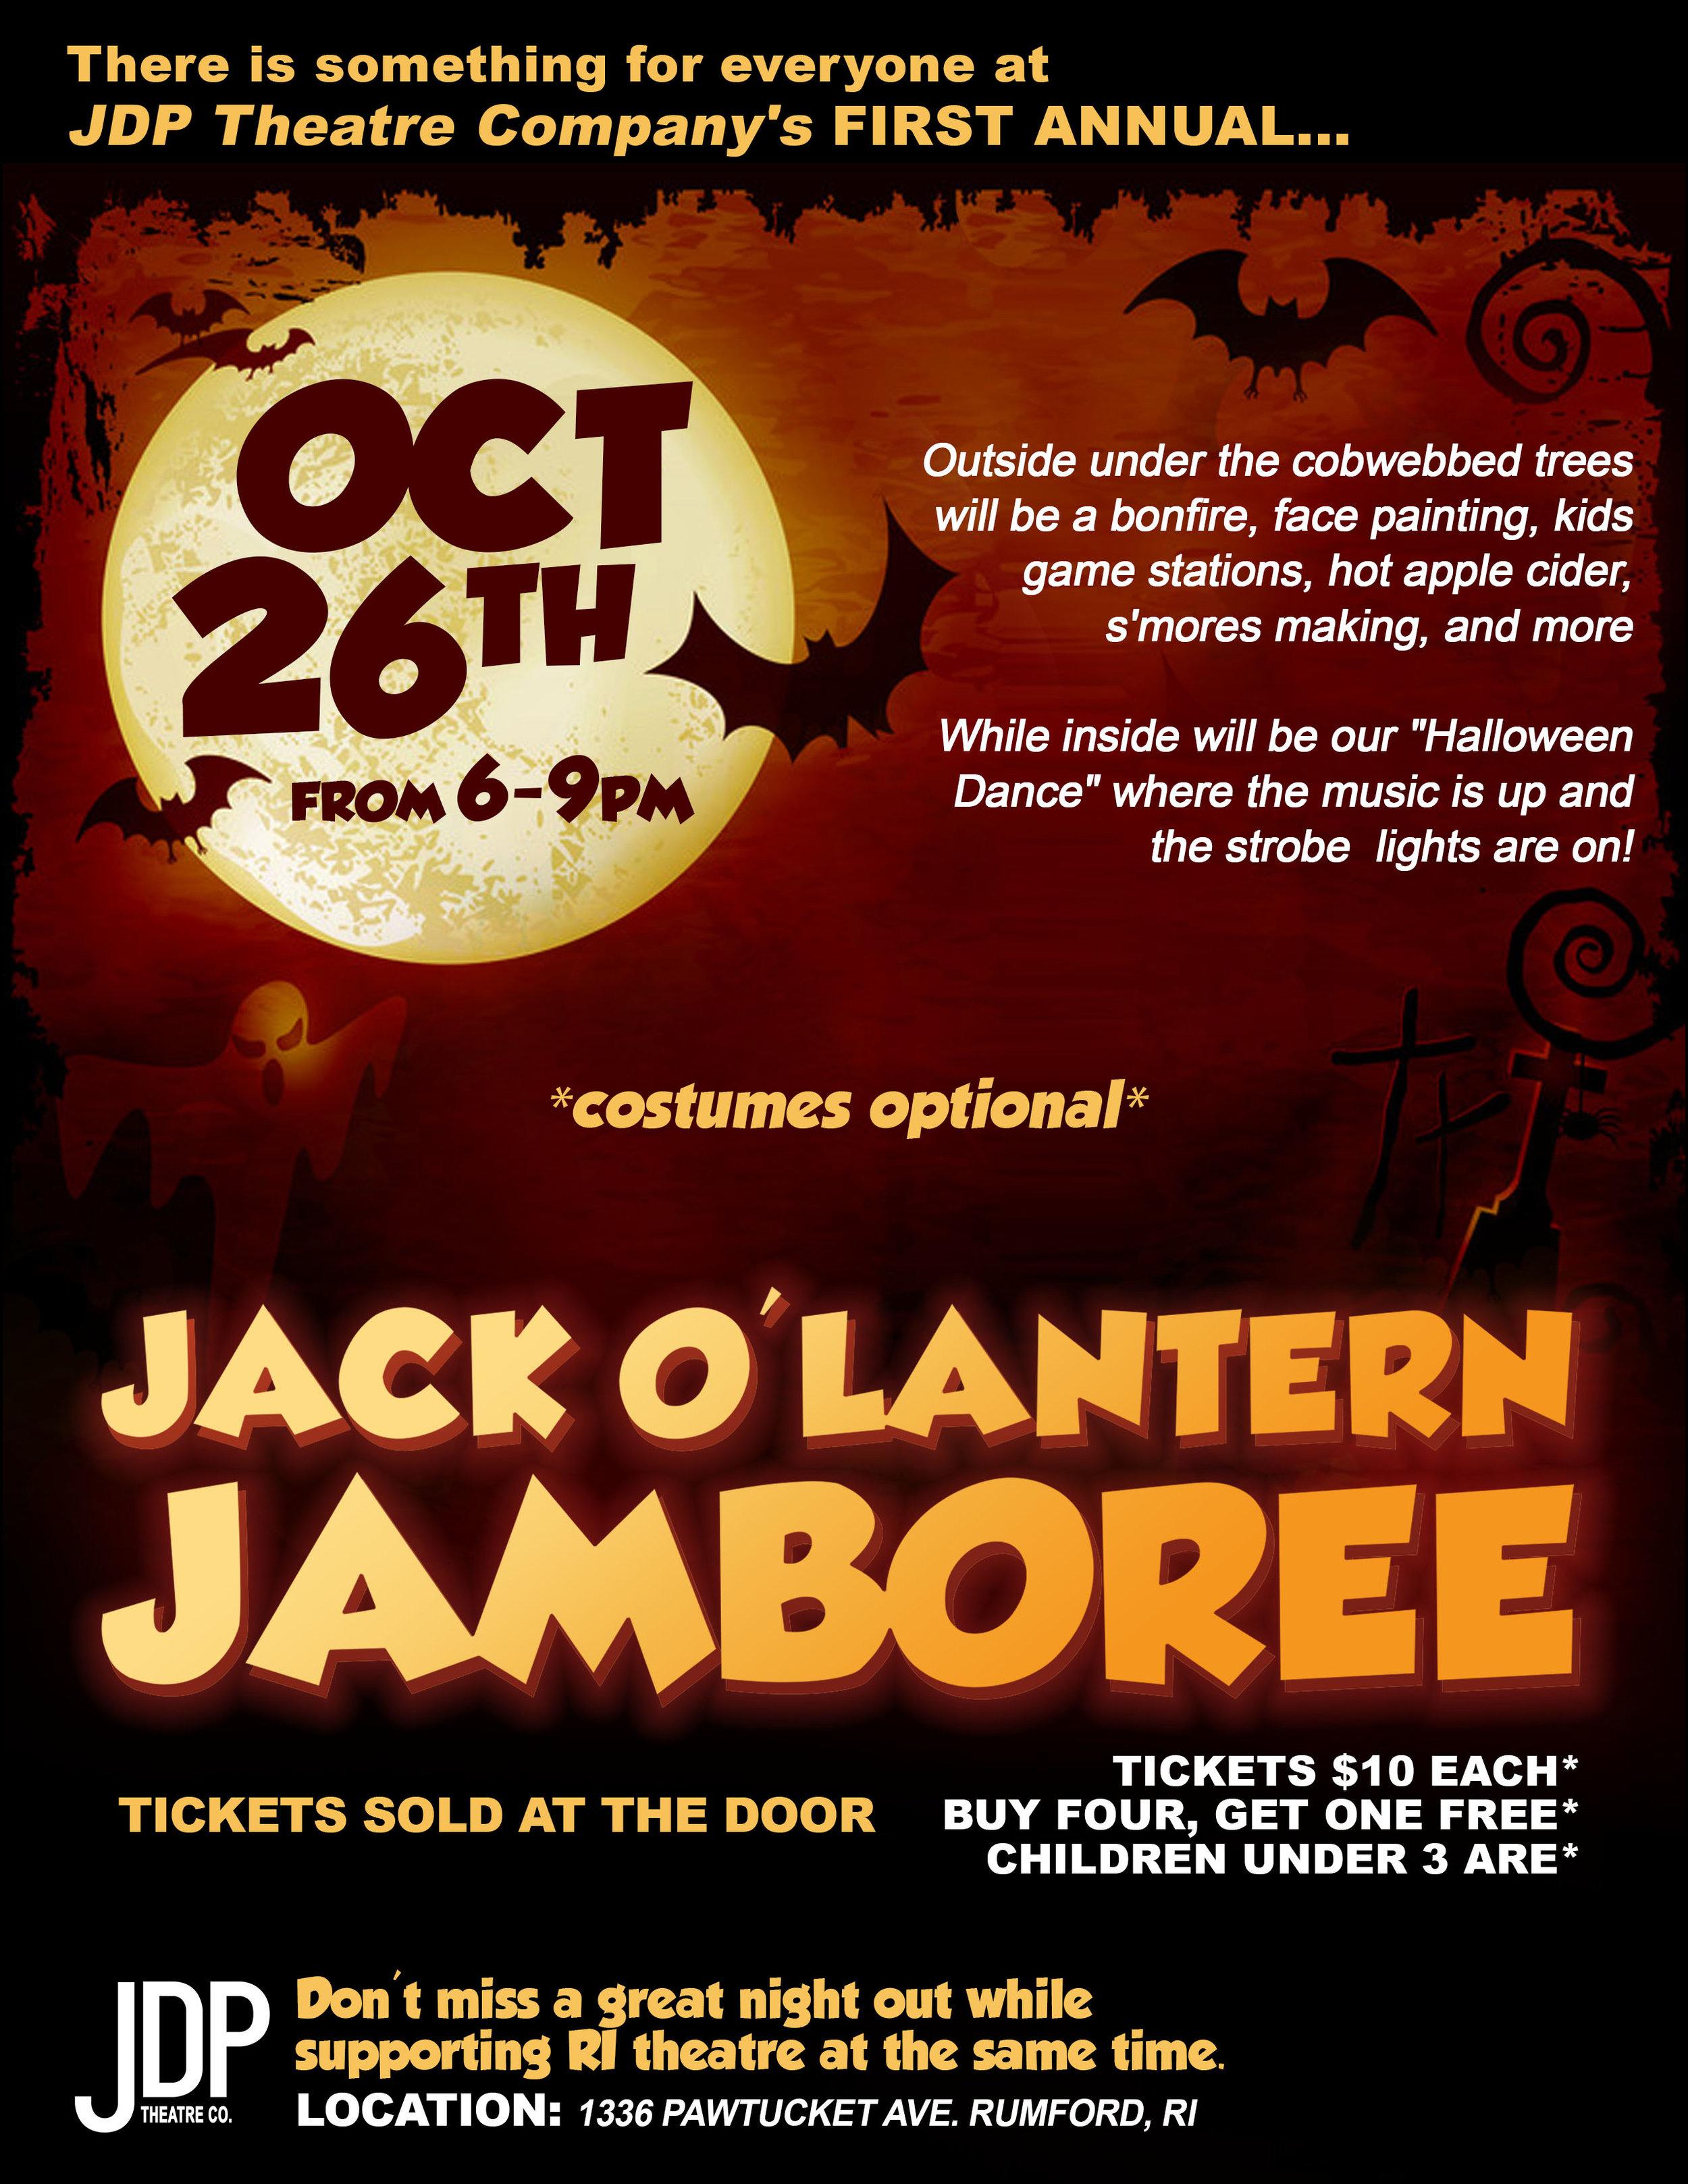 jack o lantern jamboree.jpg